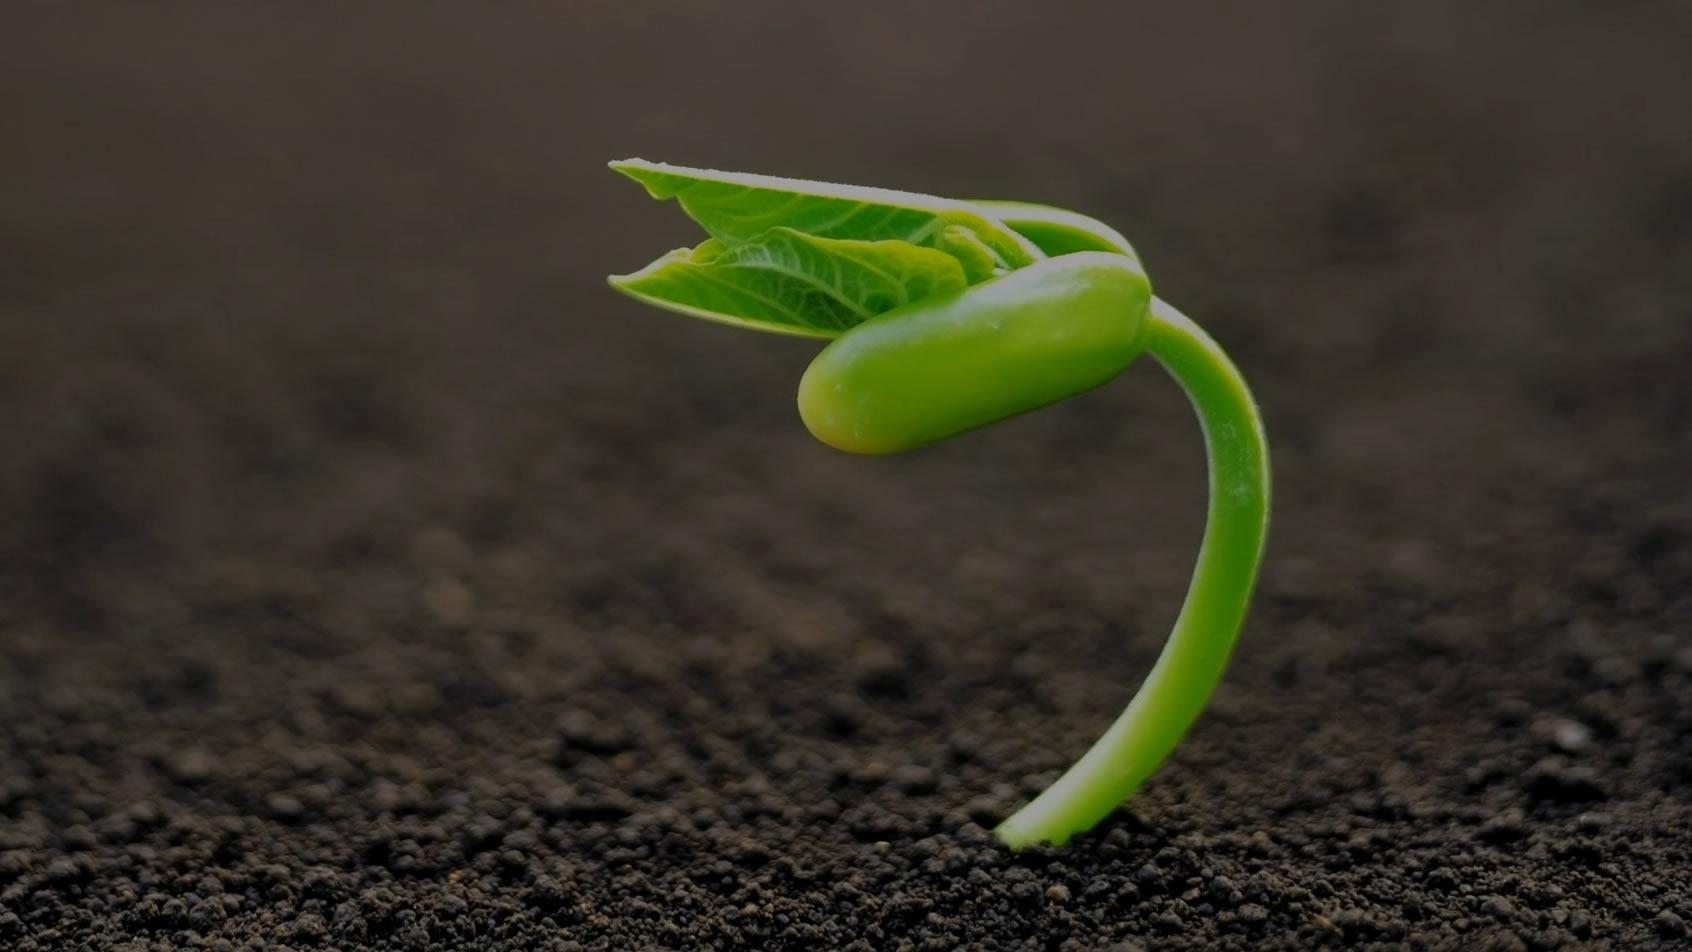 Curso Básico: Começando na Identificação de Plantas